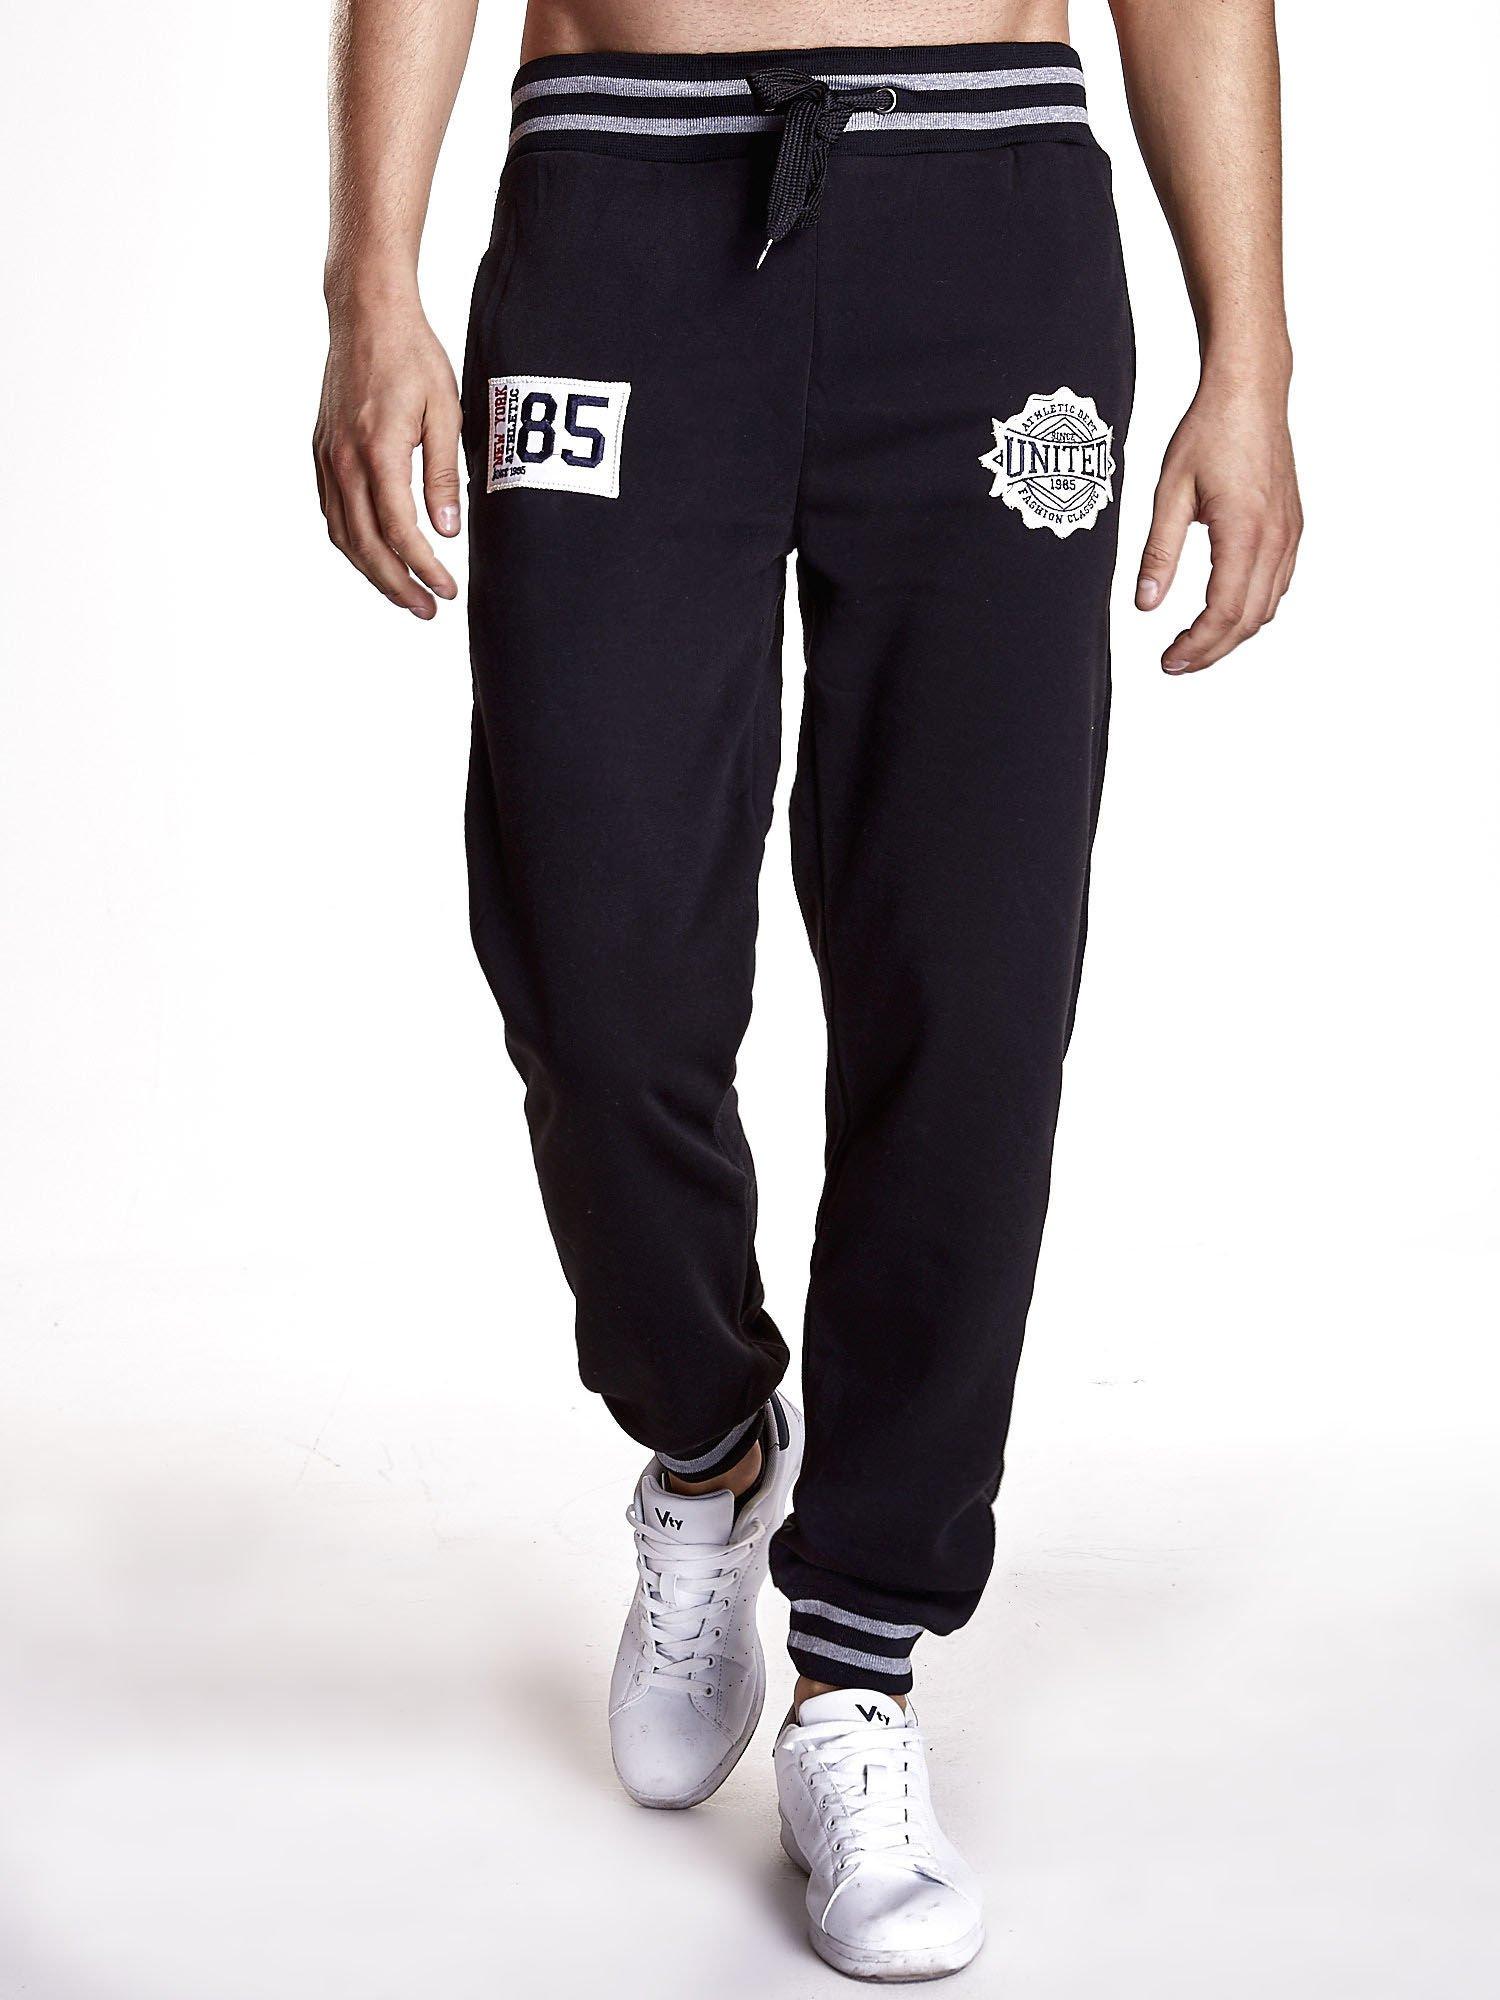 Czarne dresowe spodnie męskie z naszywkami i kieszeniami                                  zdj.                                  1